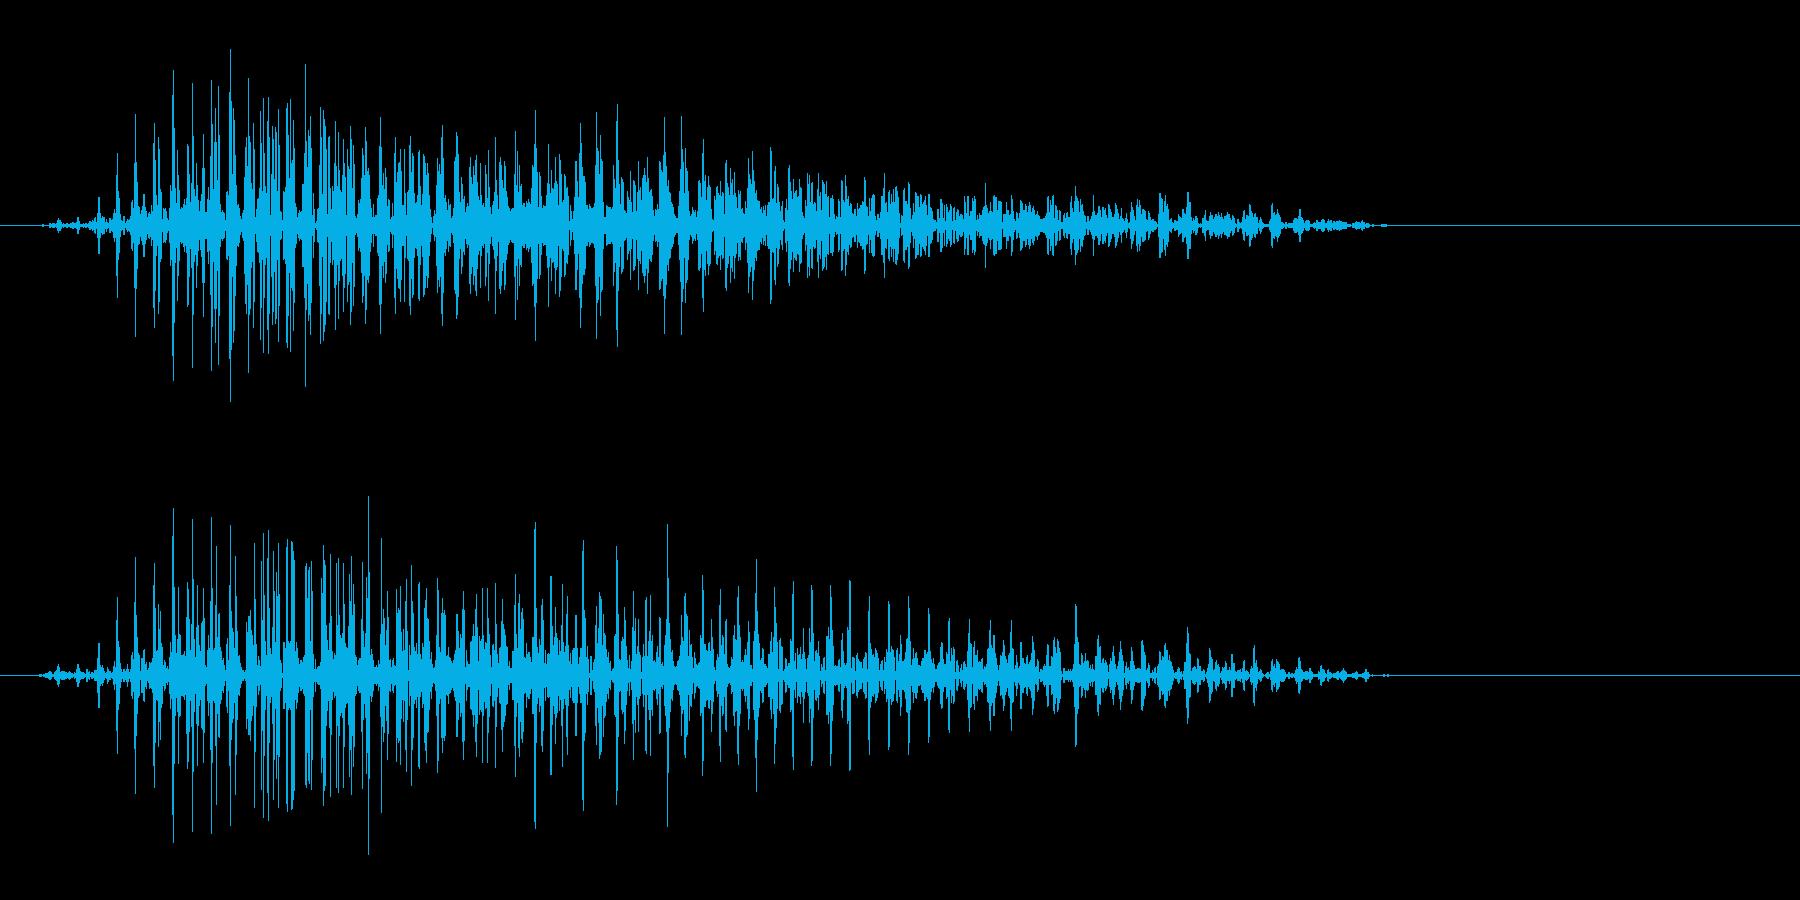 ヴゥン(上から下へ落ちる決定音)の再生済みの波形